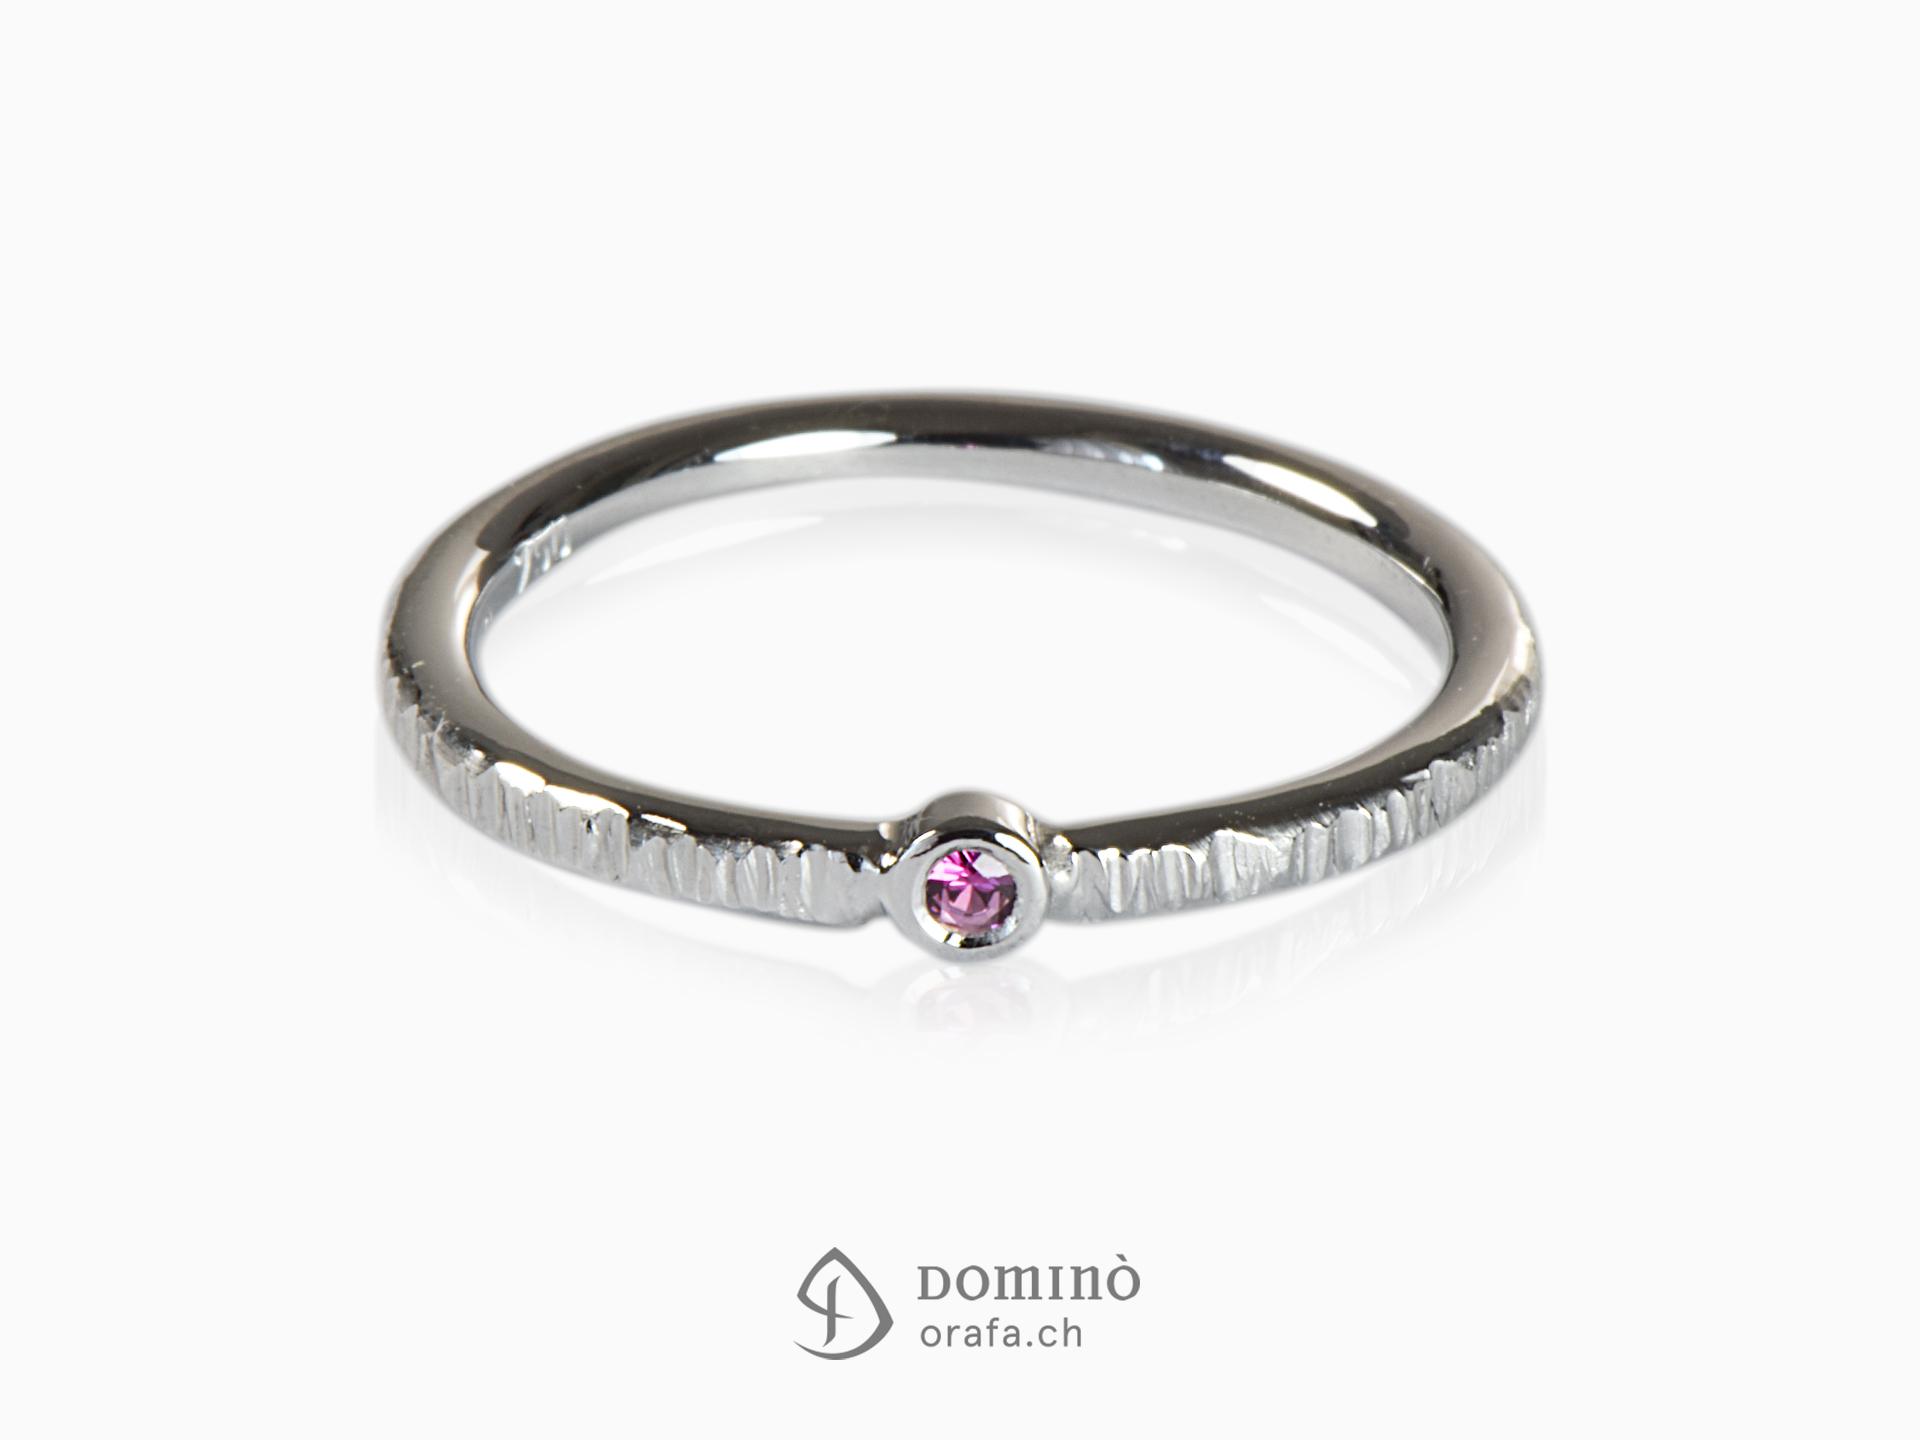 anello-zaffiro-rosa-centrale-oro-bianco